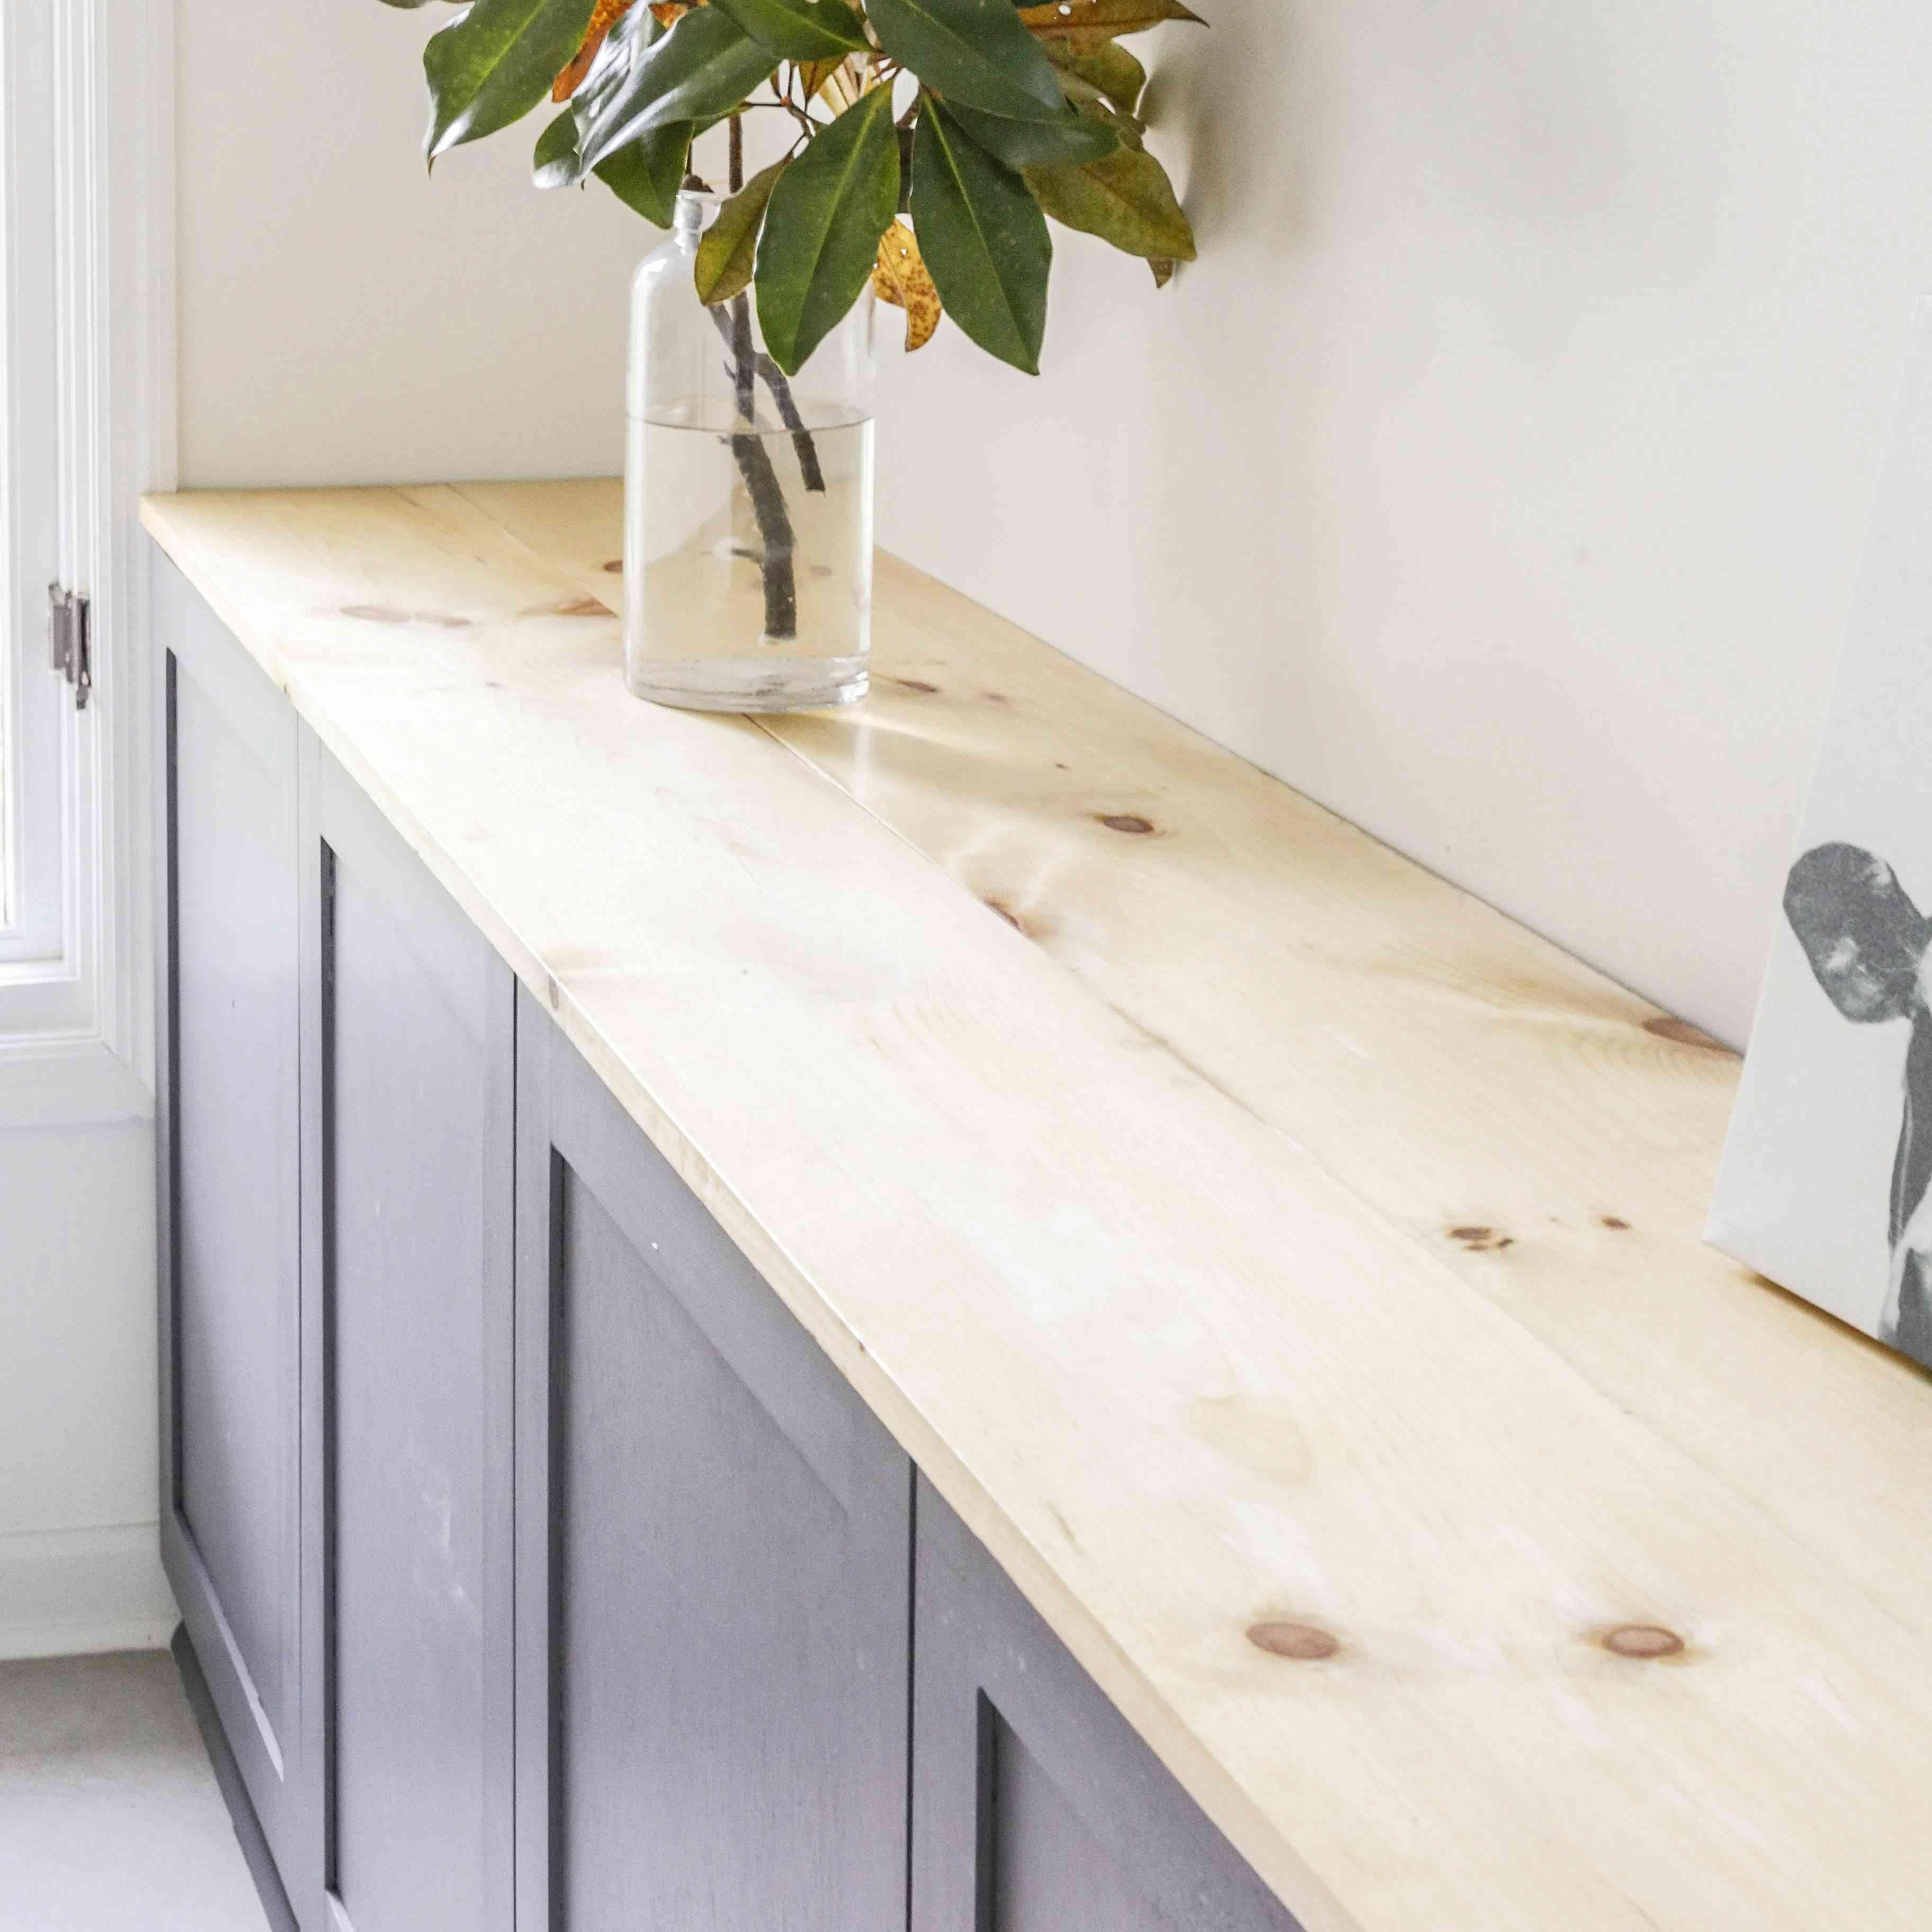 Diy Wood Countertop Plans